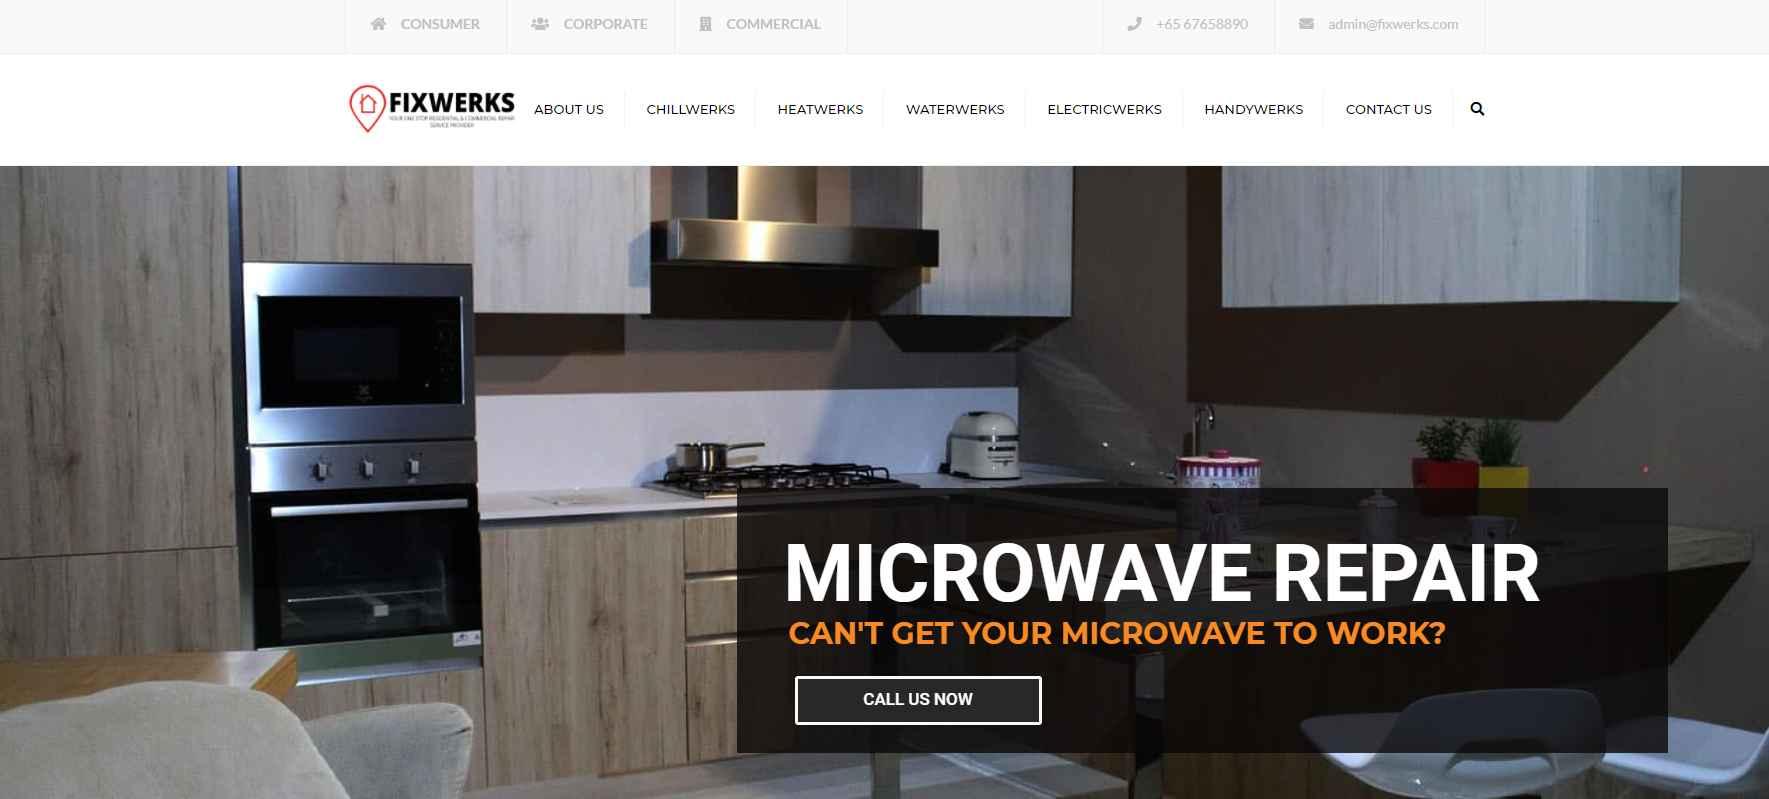 fixwerks Top Microwave Repair Services in Singapore